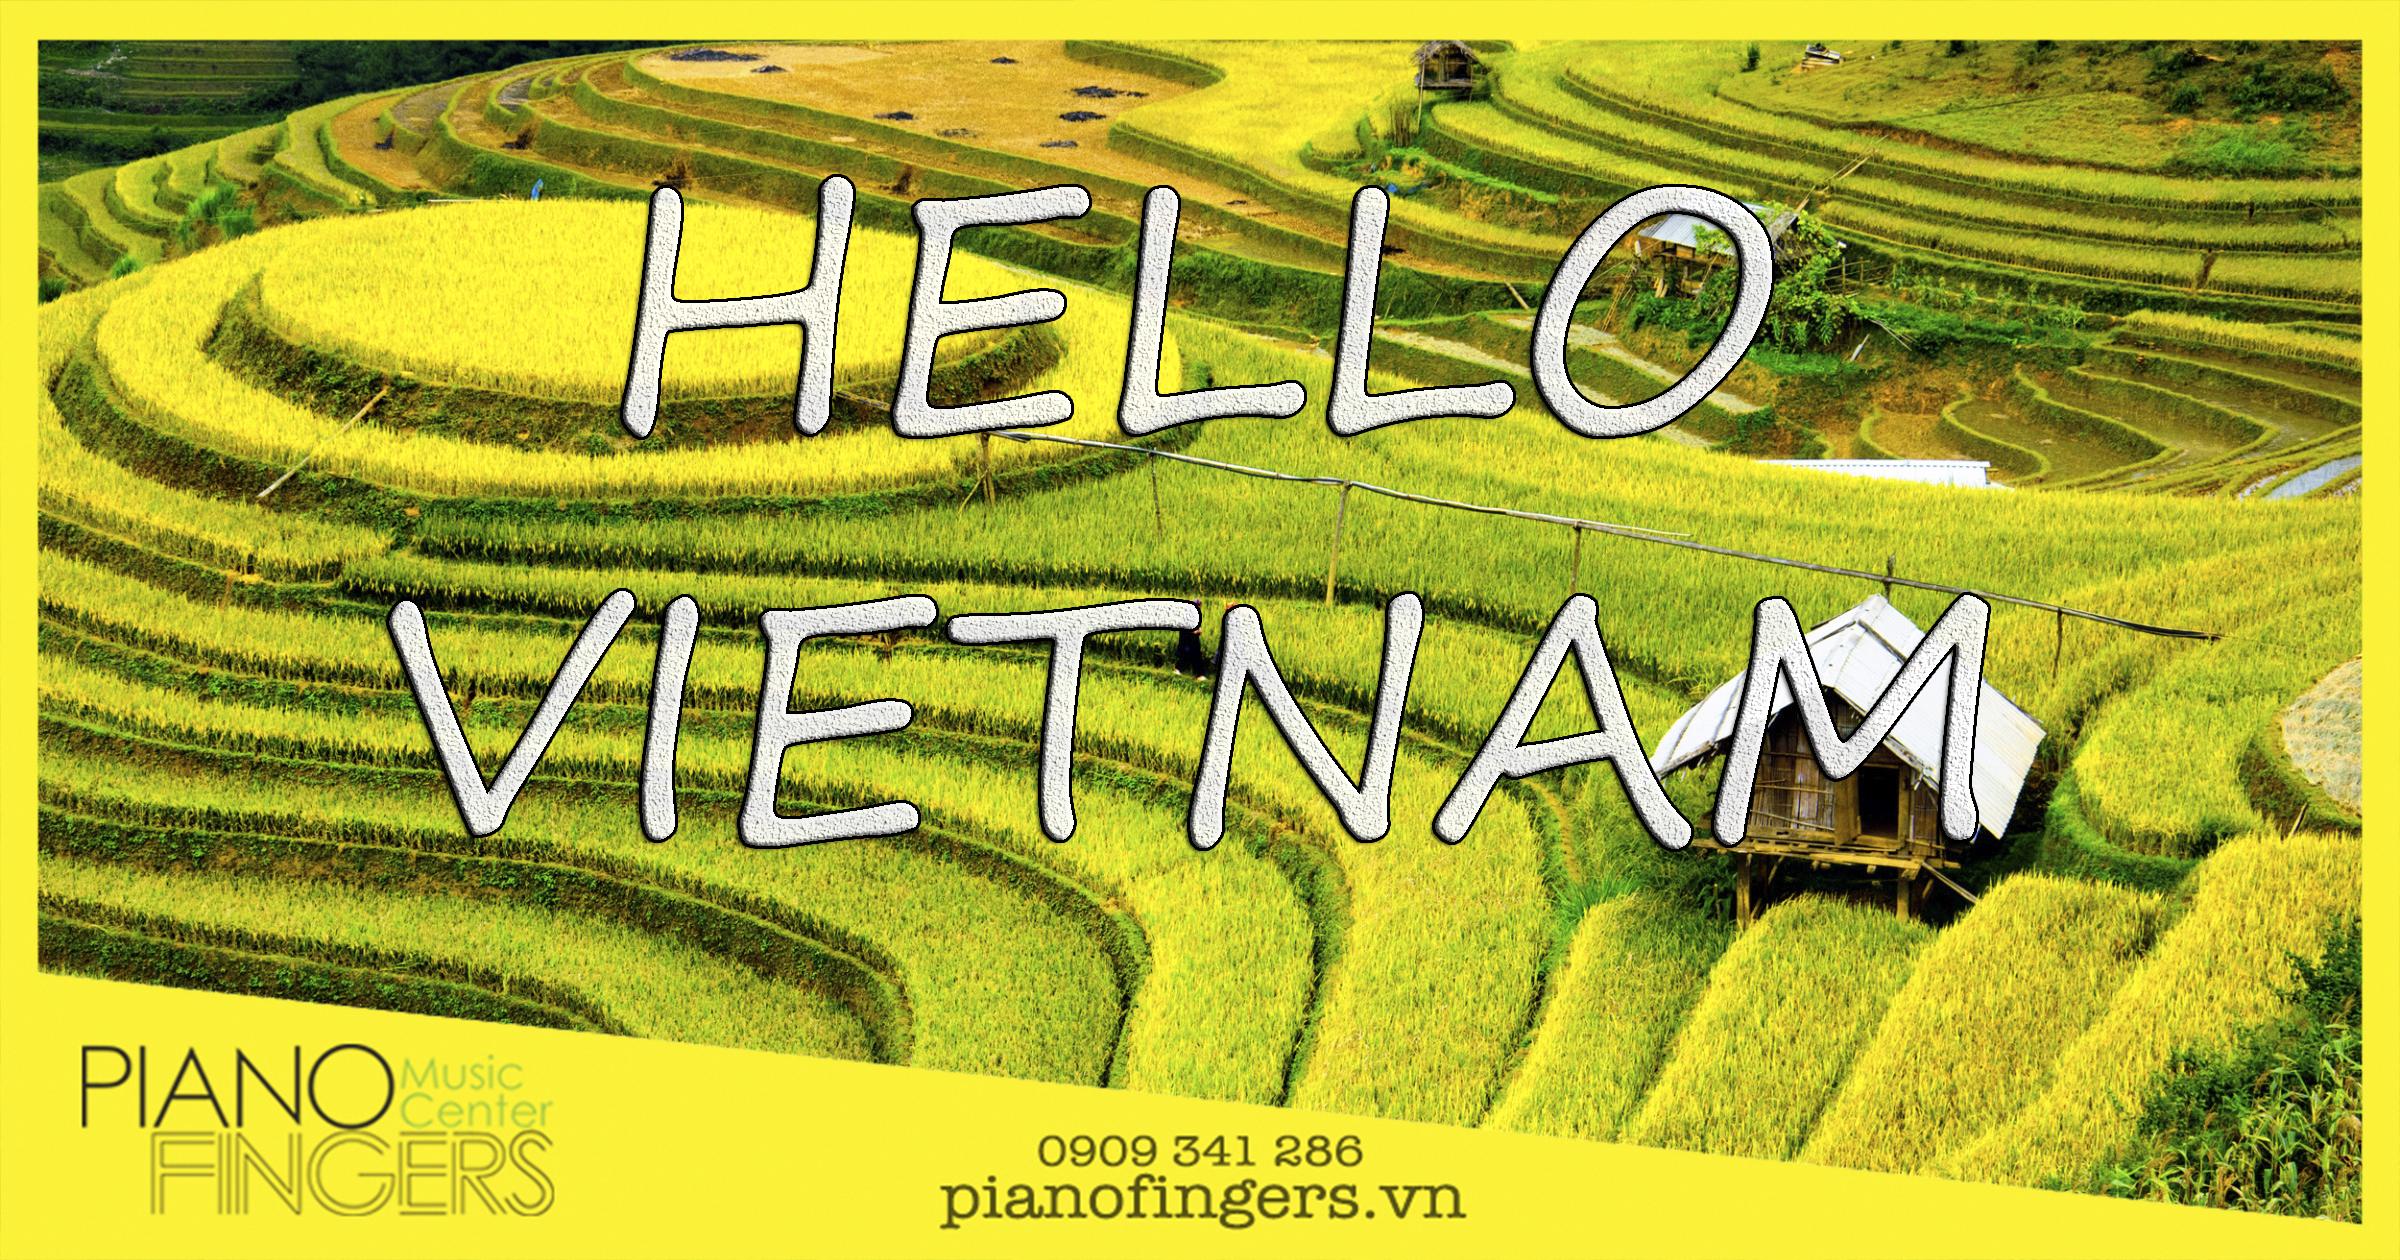 sheet-piano-hello-vietnam-1